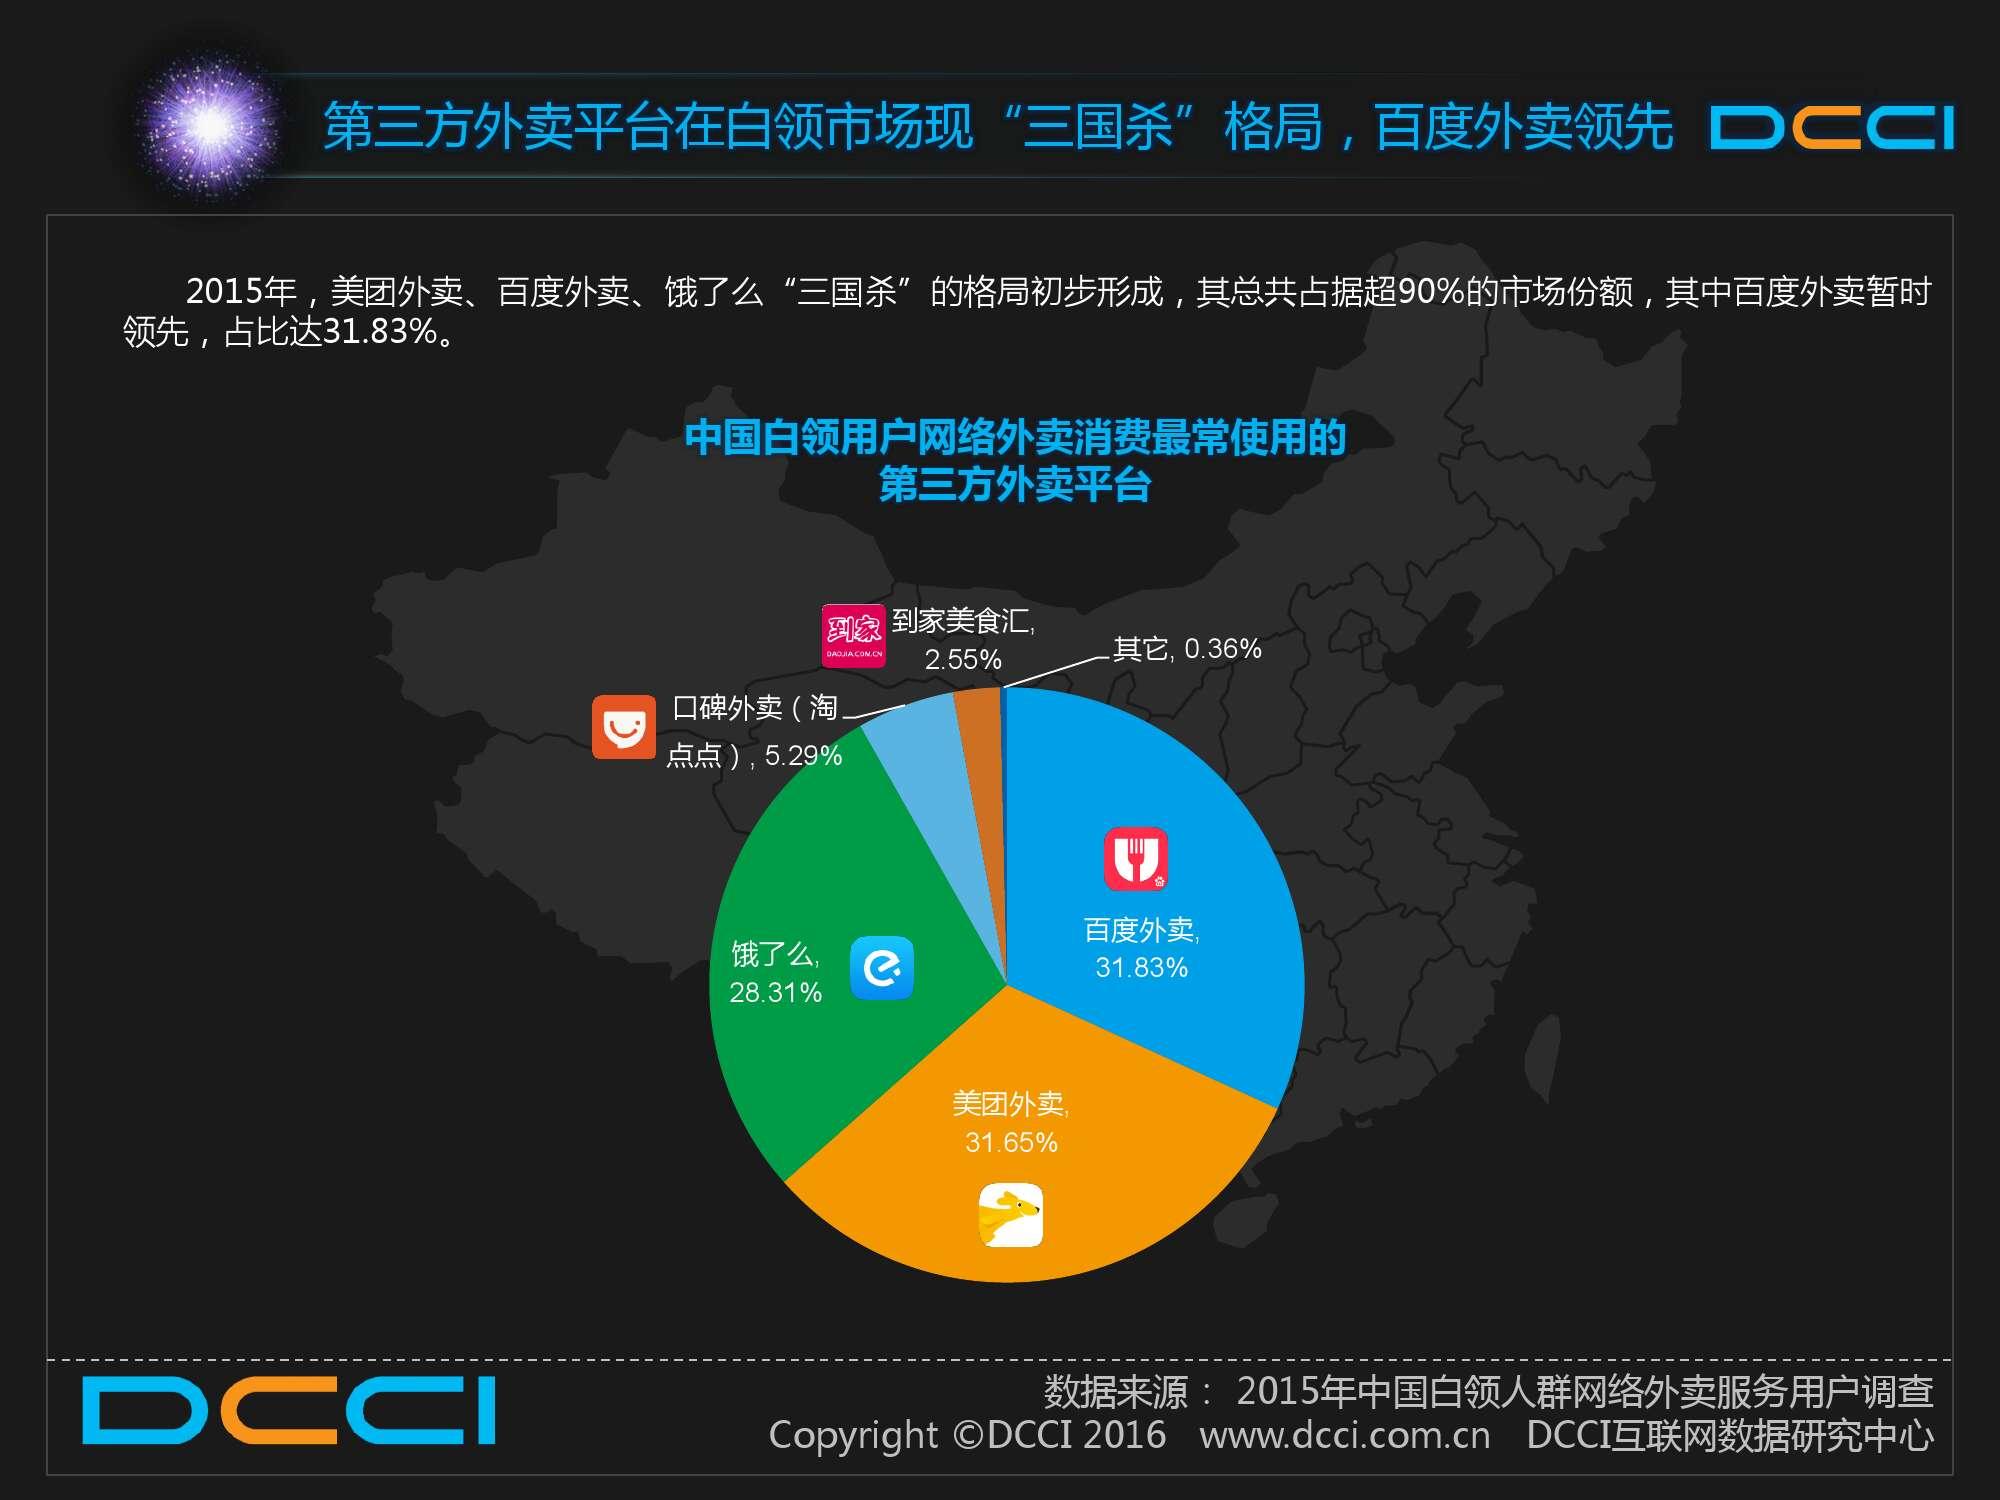 2015中国白领人群网络外卖服务研究报告_000015